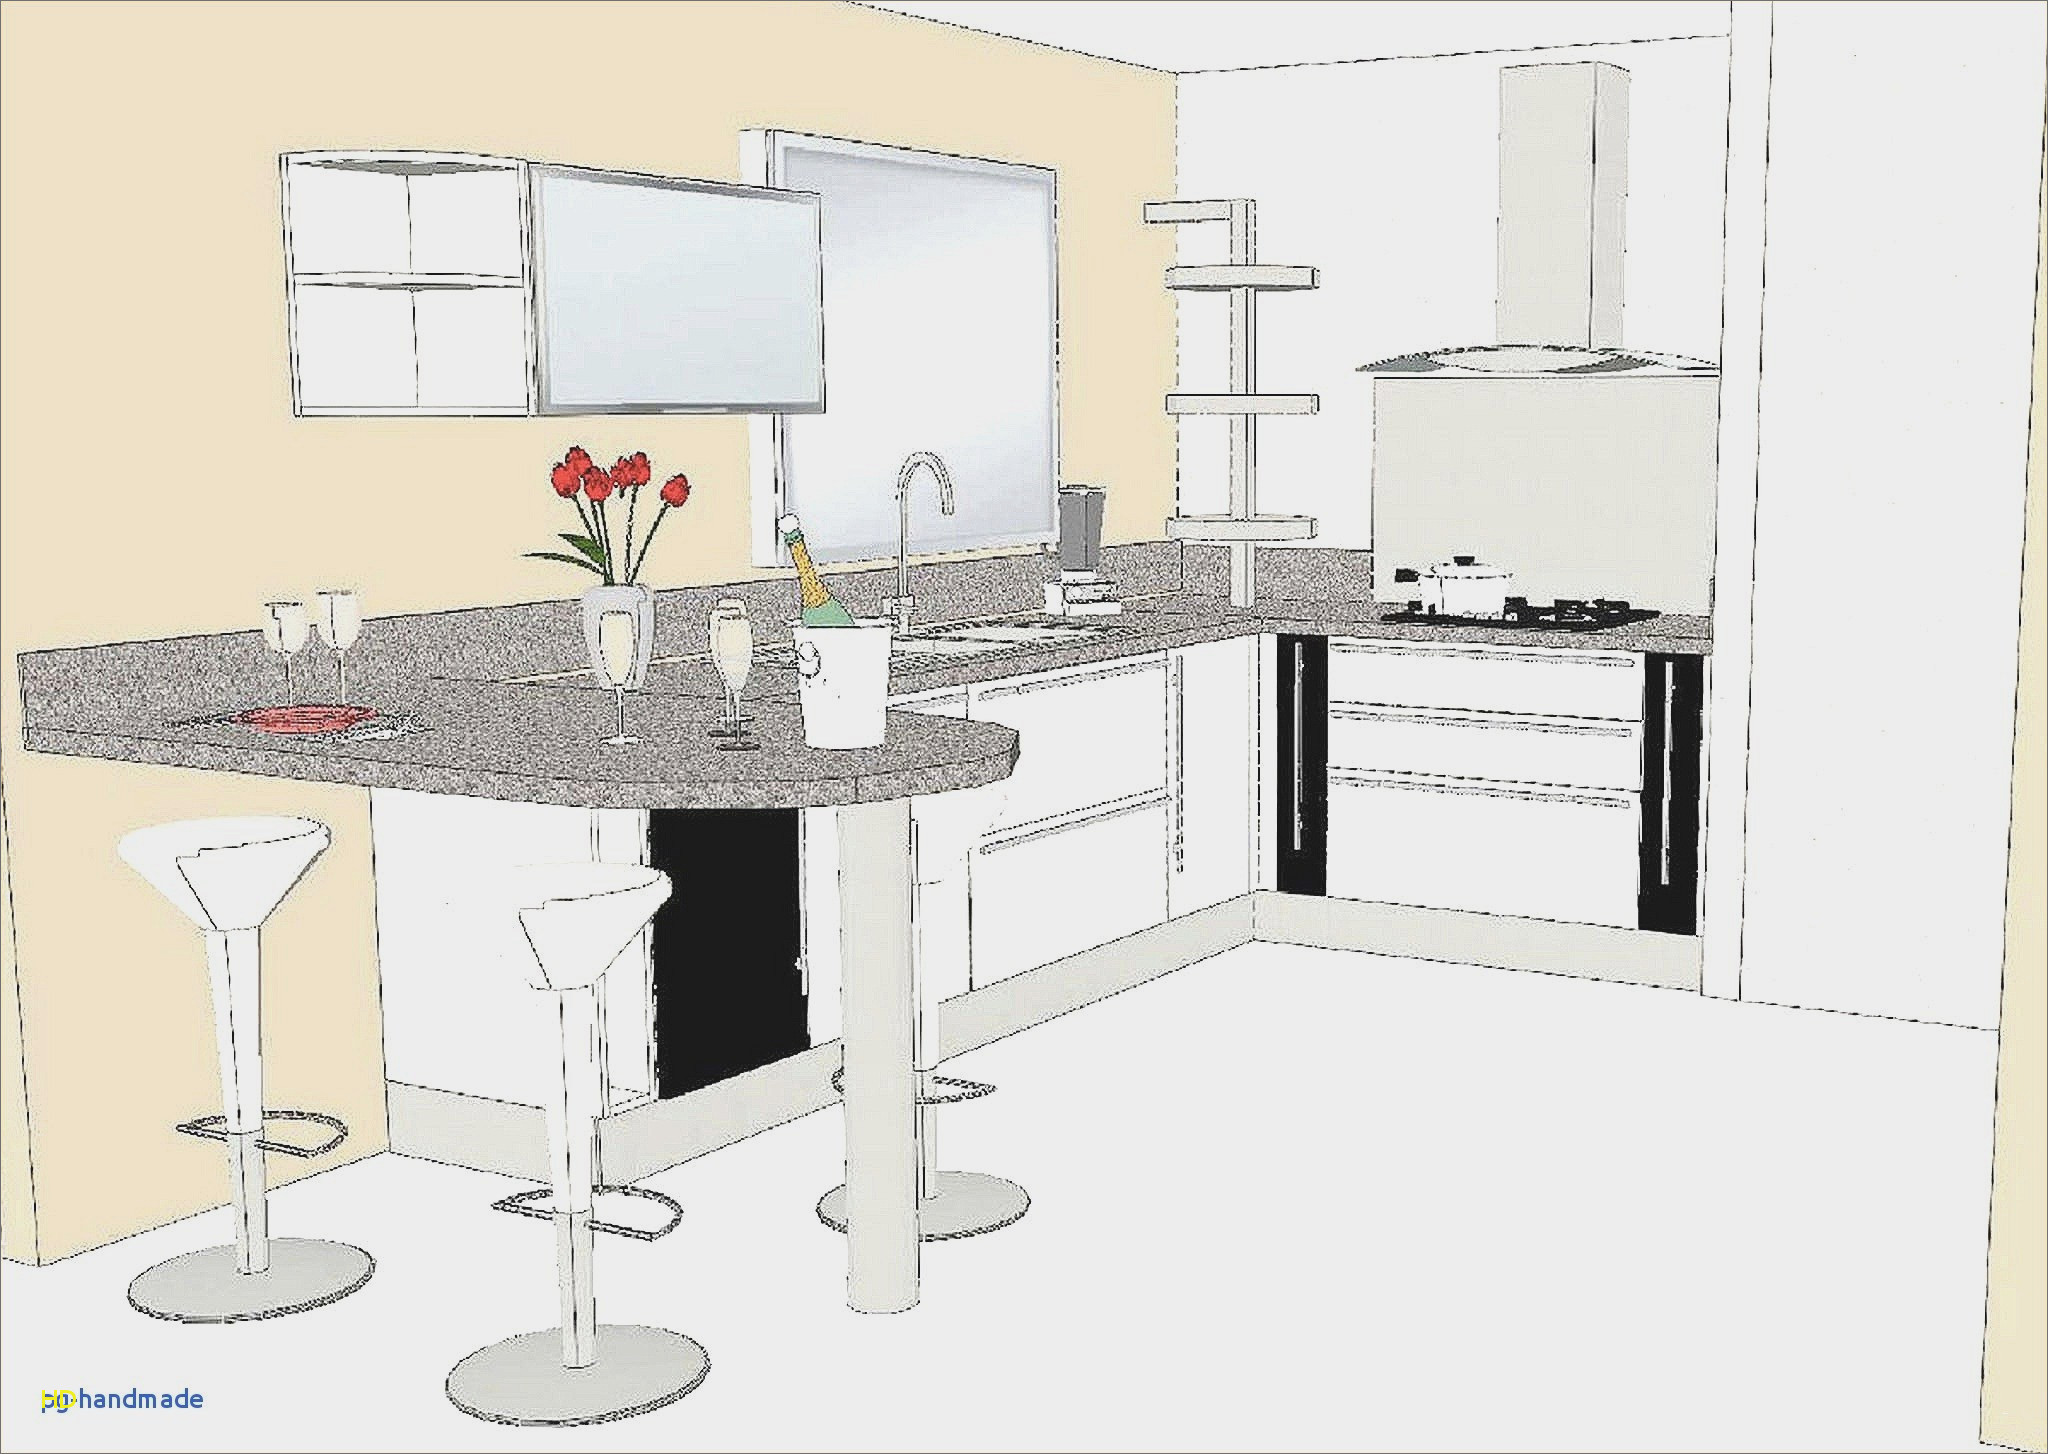 Plan cuisine am nag e gratuit lille maison - Plan amenagement cuisine 10m2 ...